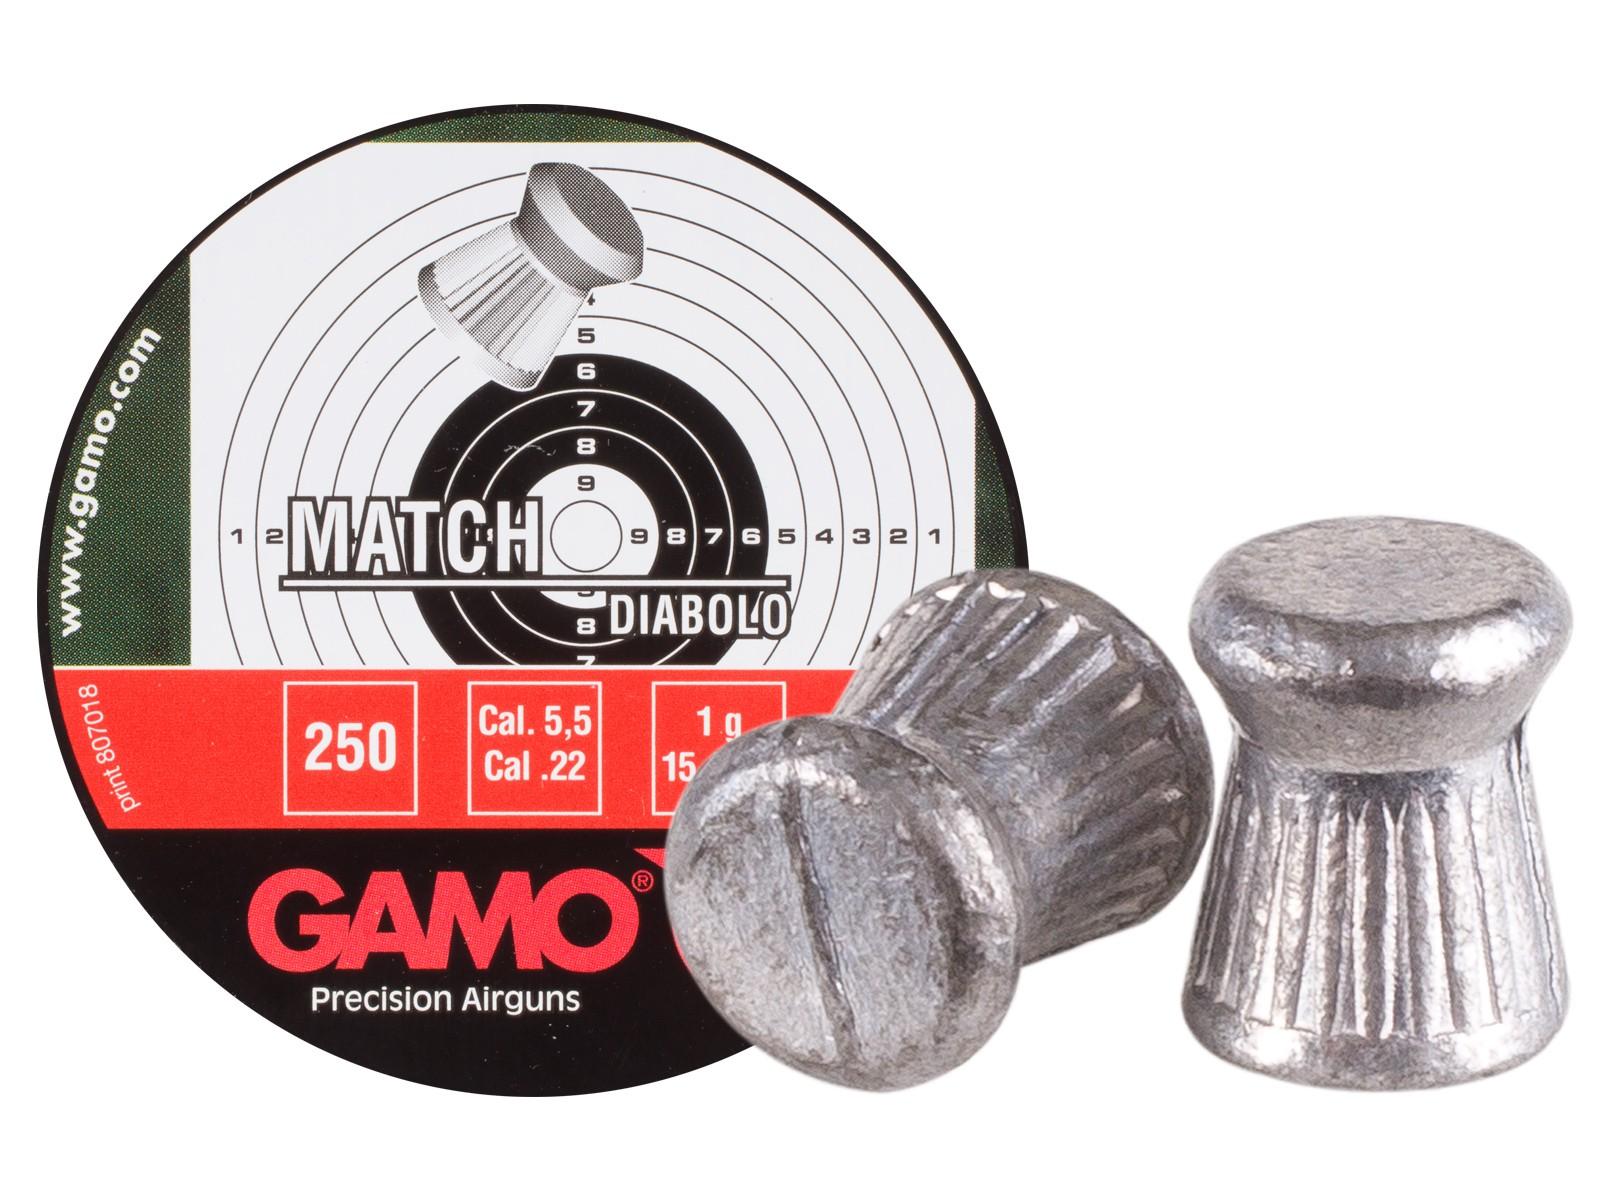 Gamo Match .22.